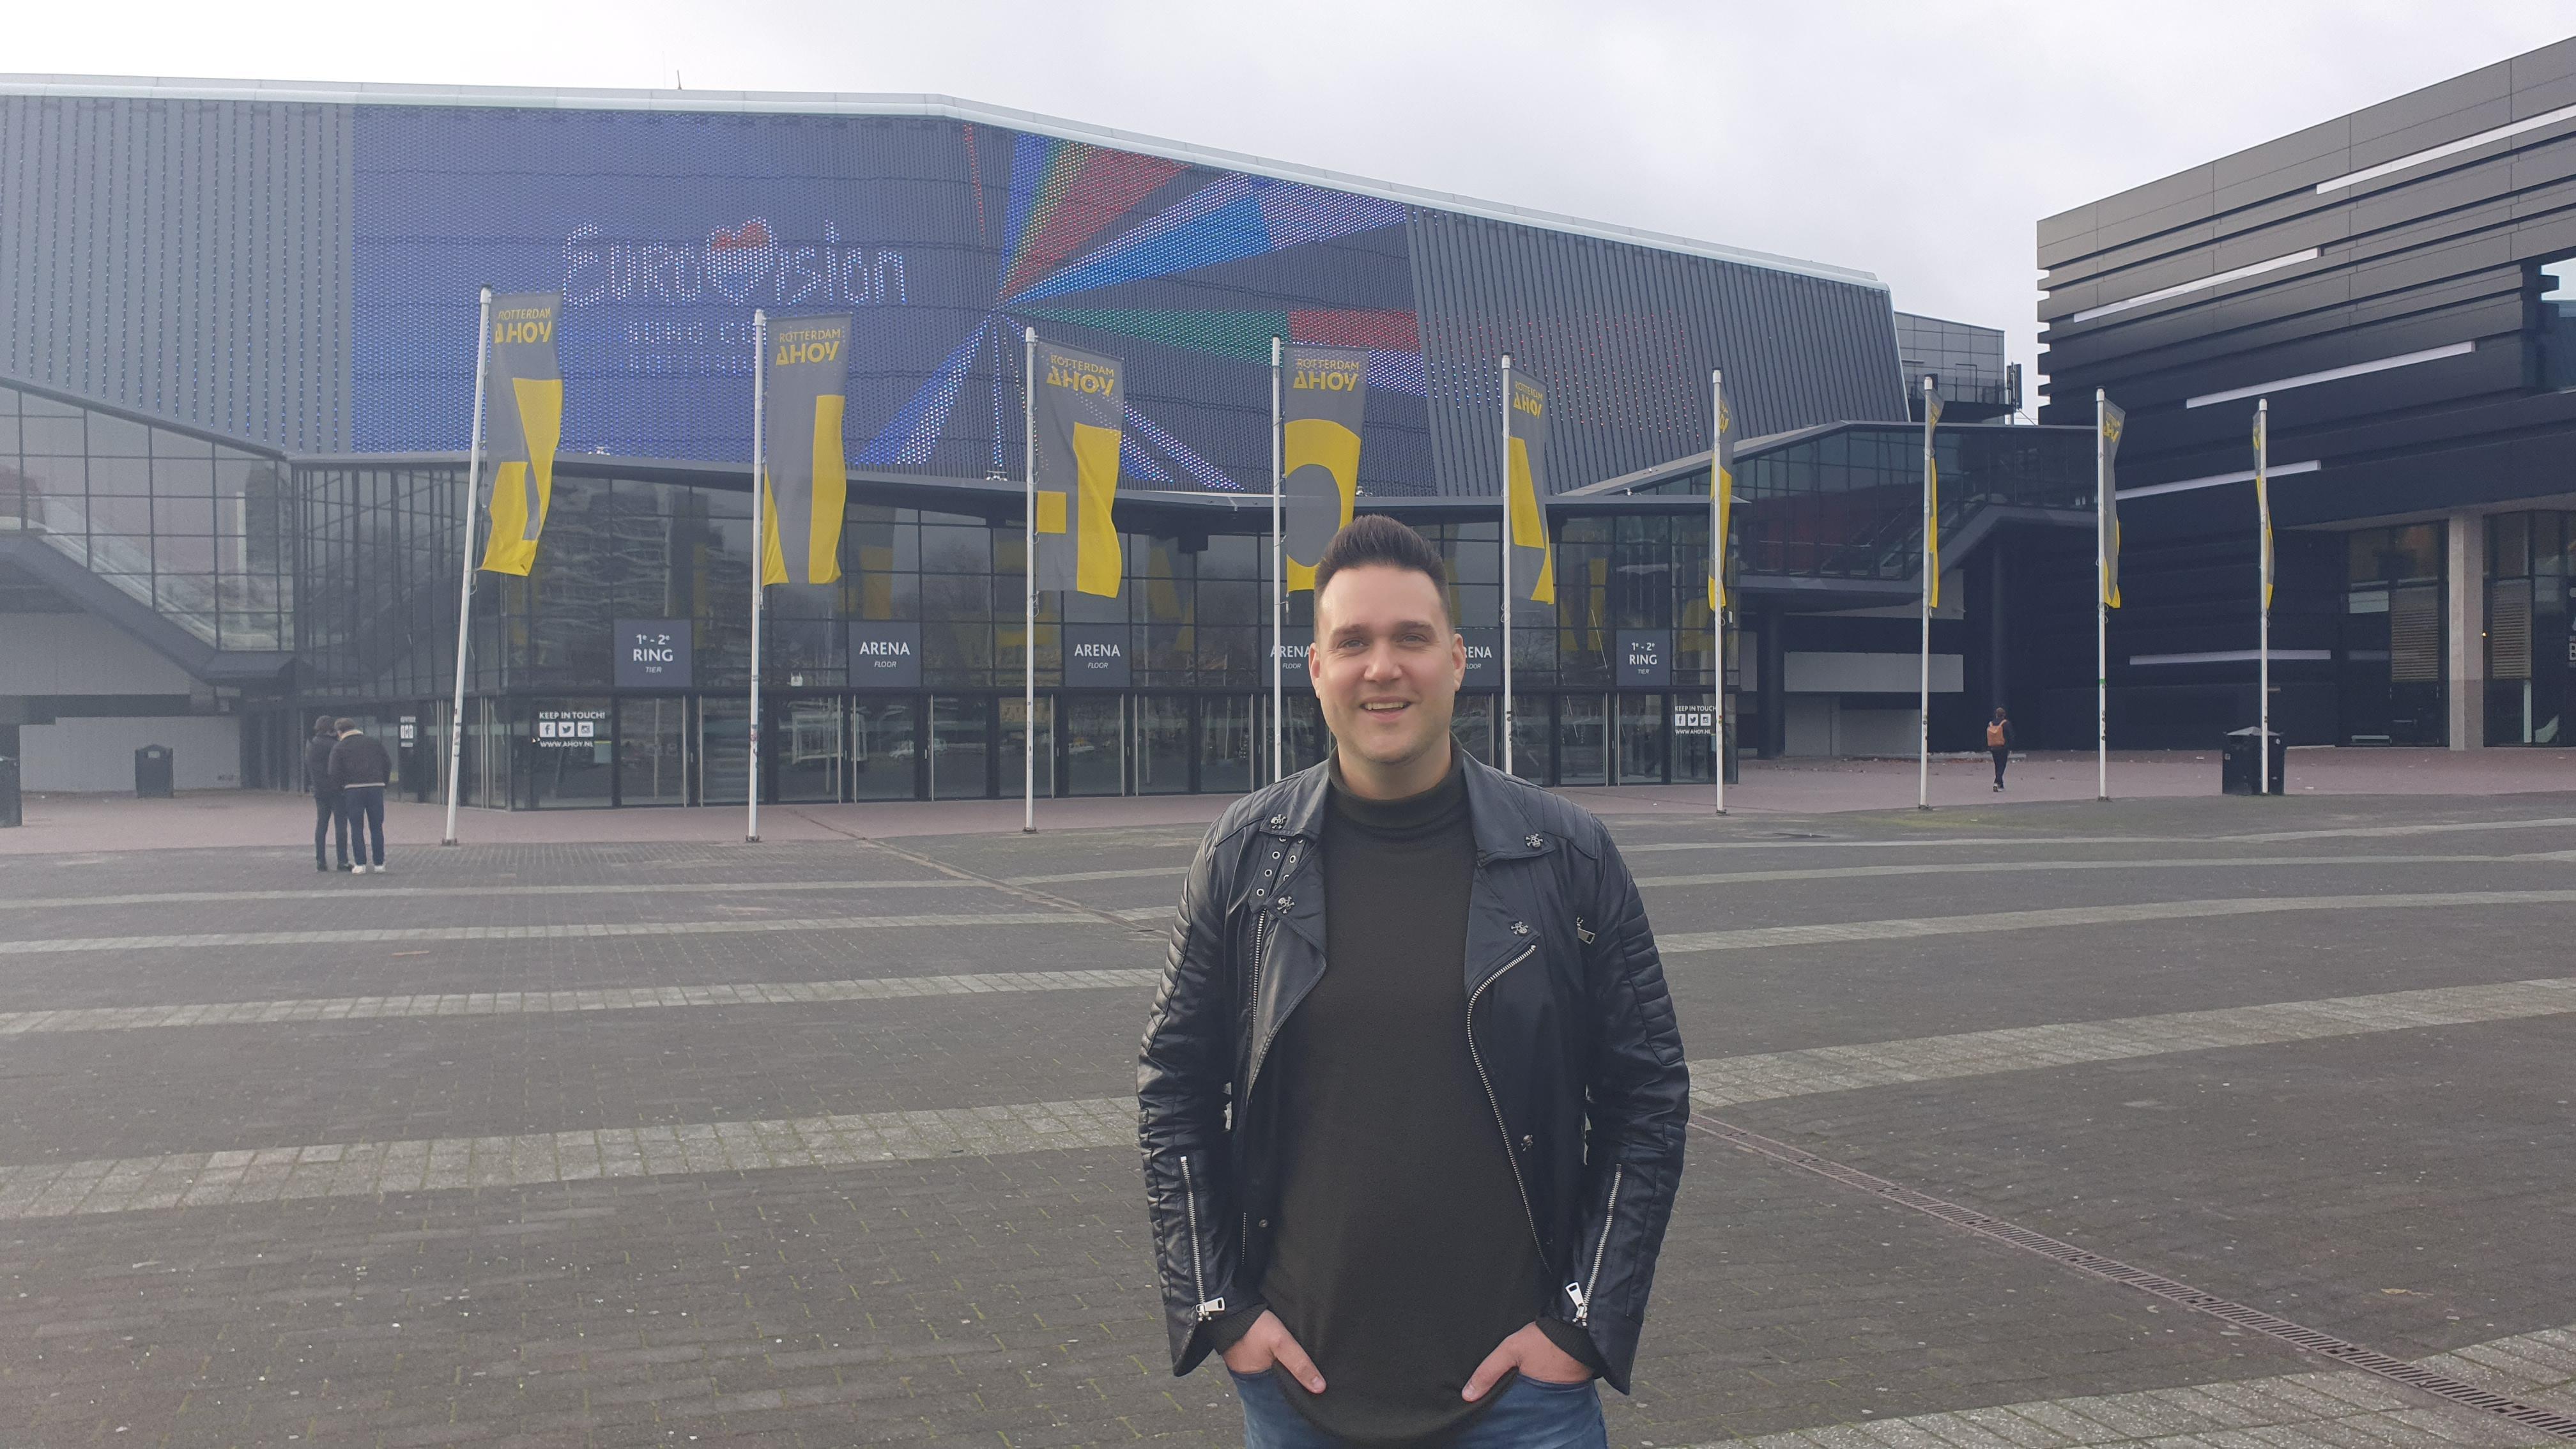 Zanger Pascal Redeker uit Medemblik gaat online optreden verzorgen vanuit Rotterdam Ahoy. 'Op een legendarisch podium uitpakken voor mijn trouwe fans'